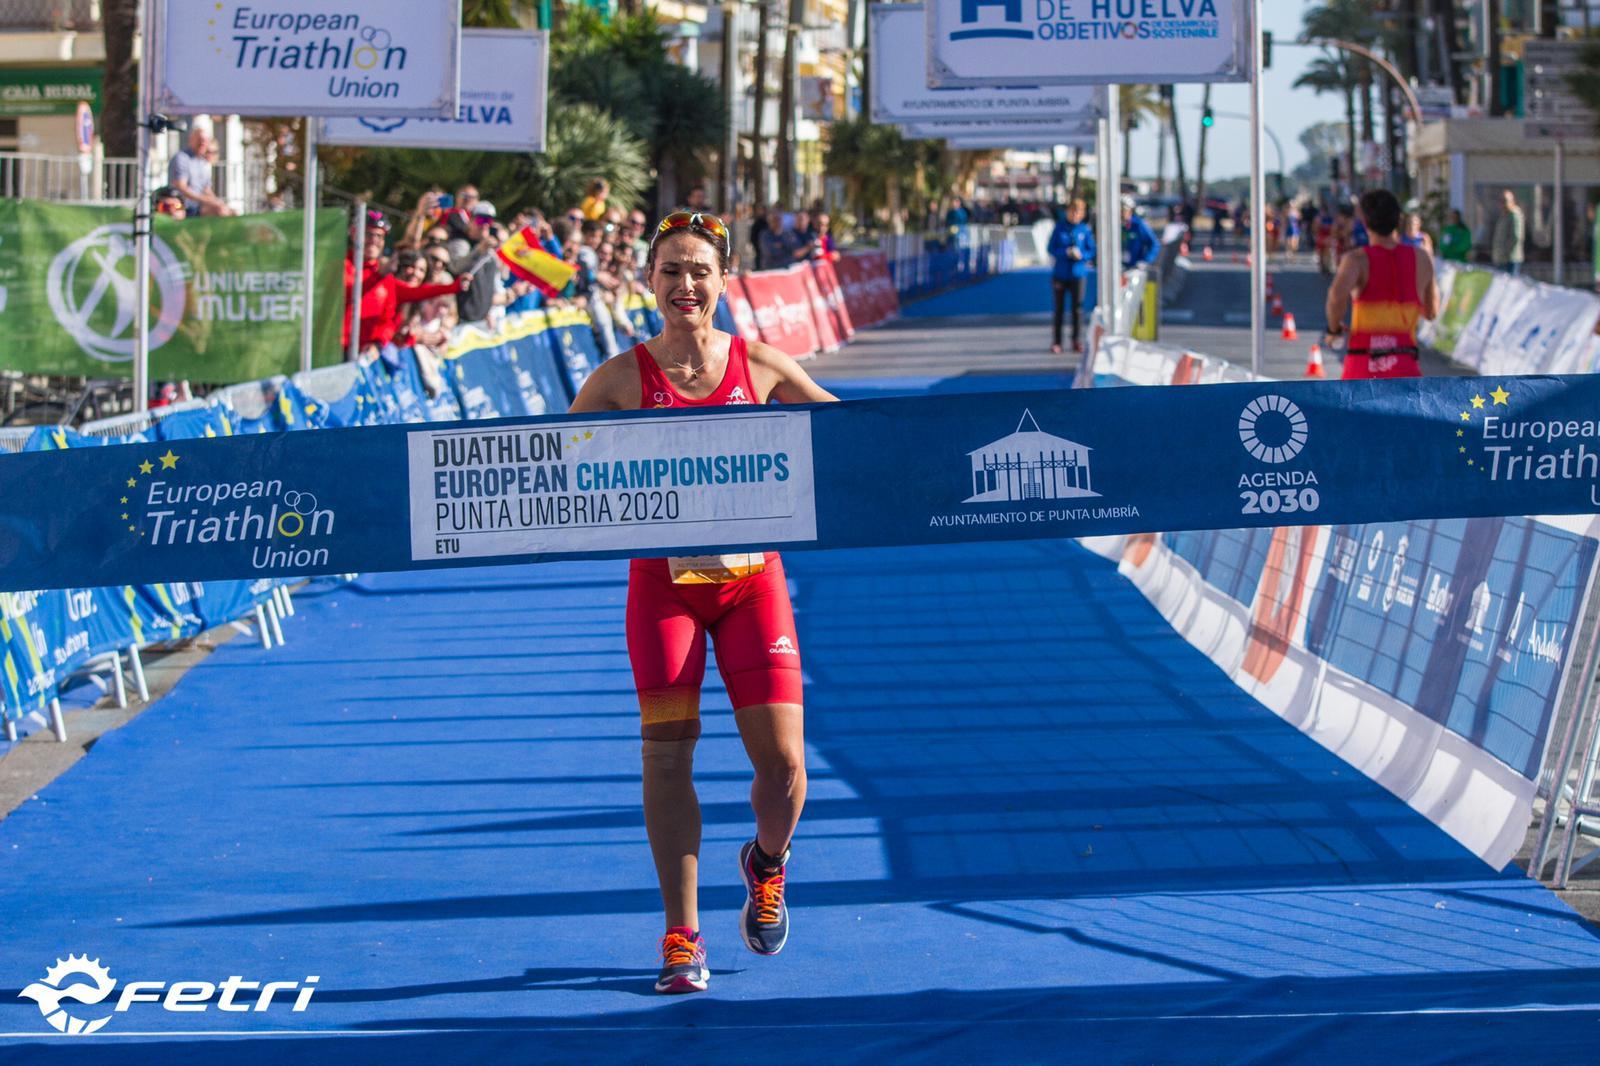 Concluye el Campeonato de Europa de Duatlón Punta Umbría, el mejor de la historia y arranca la semana de la Copa de Europa de Triatlón de Huelva